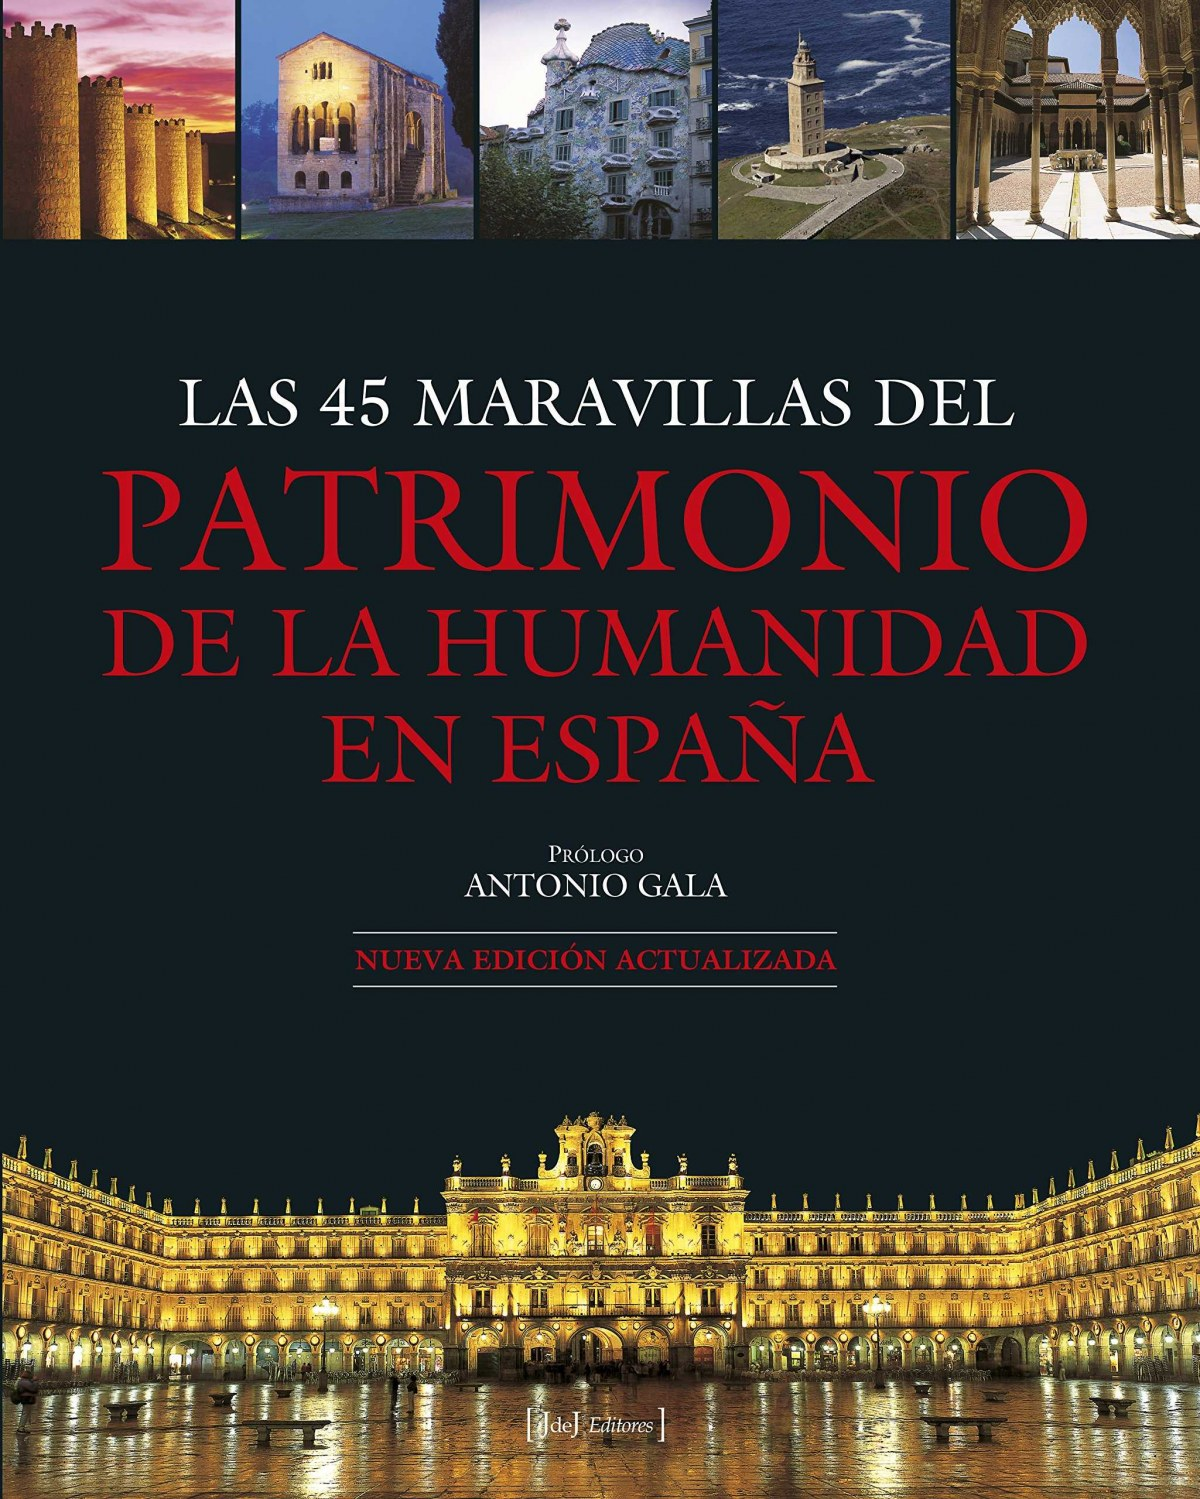 LAS 45 MARAVILLAS DEL PATRIMONIO EN ESPAÑA